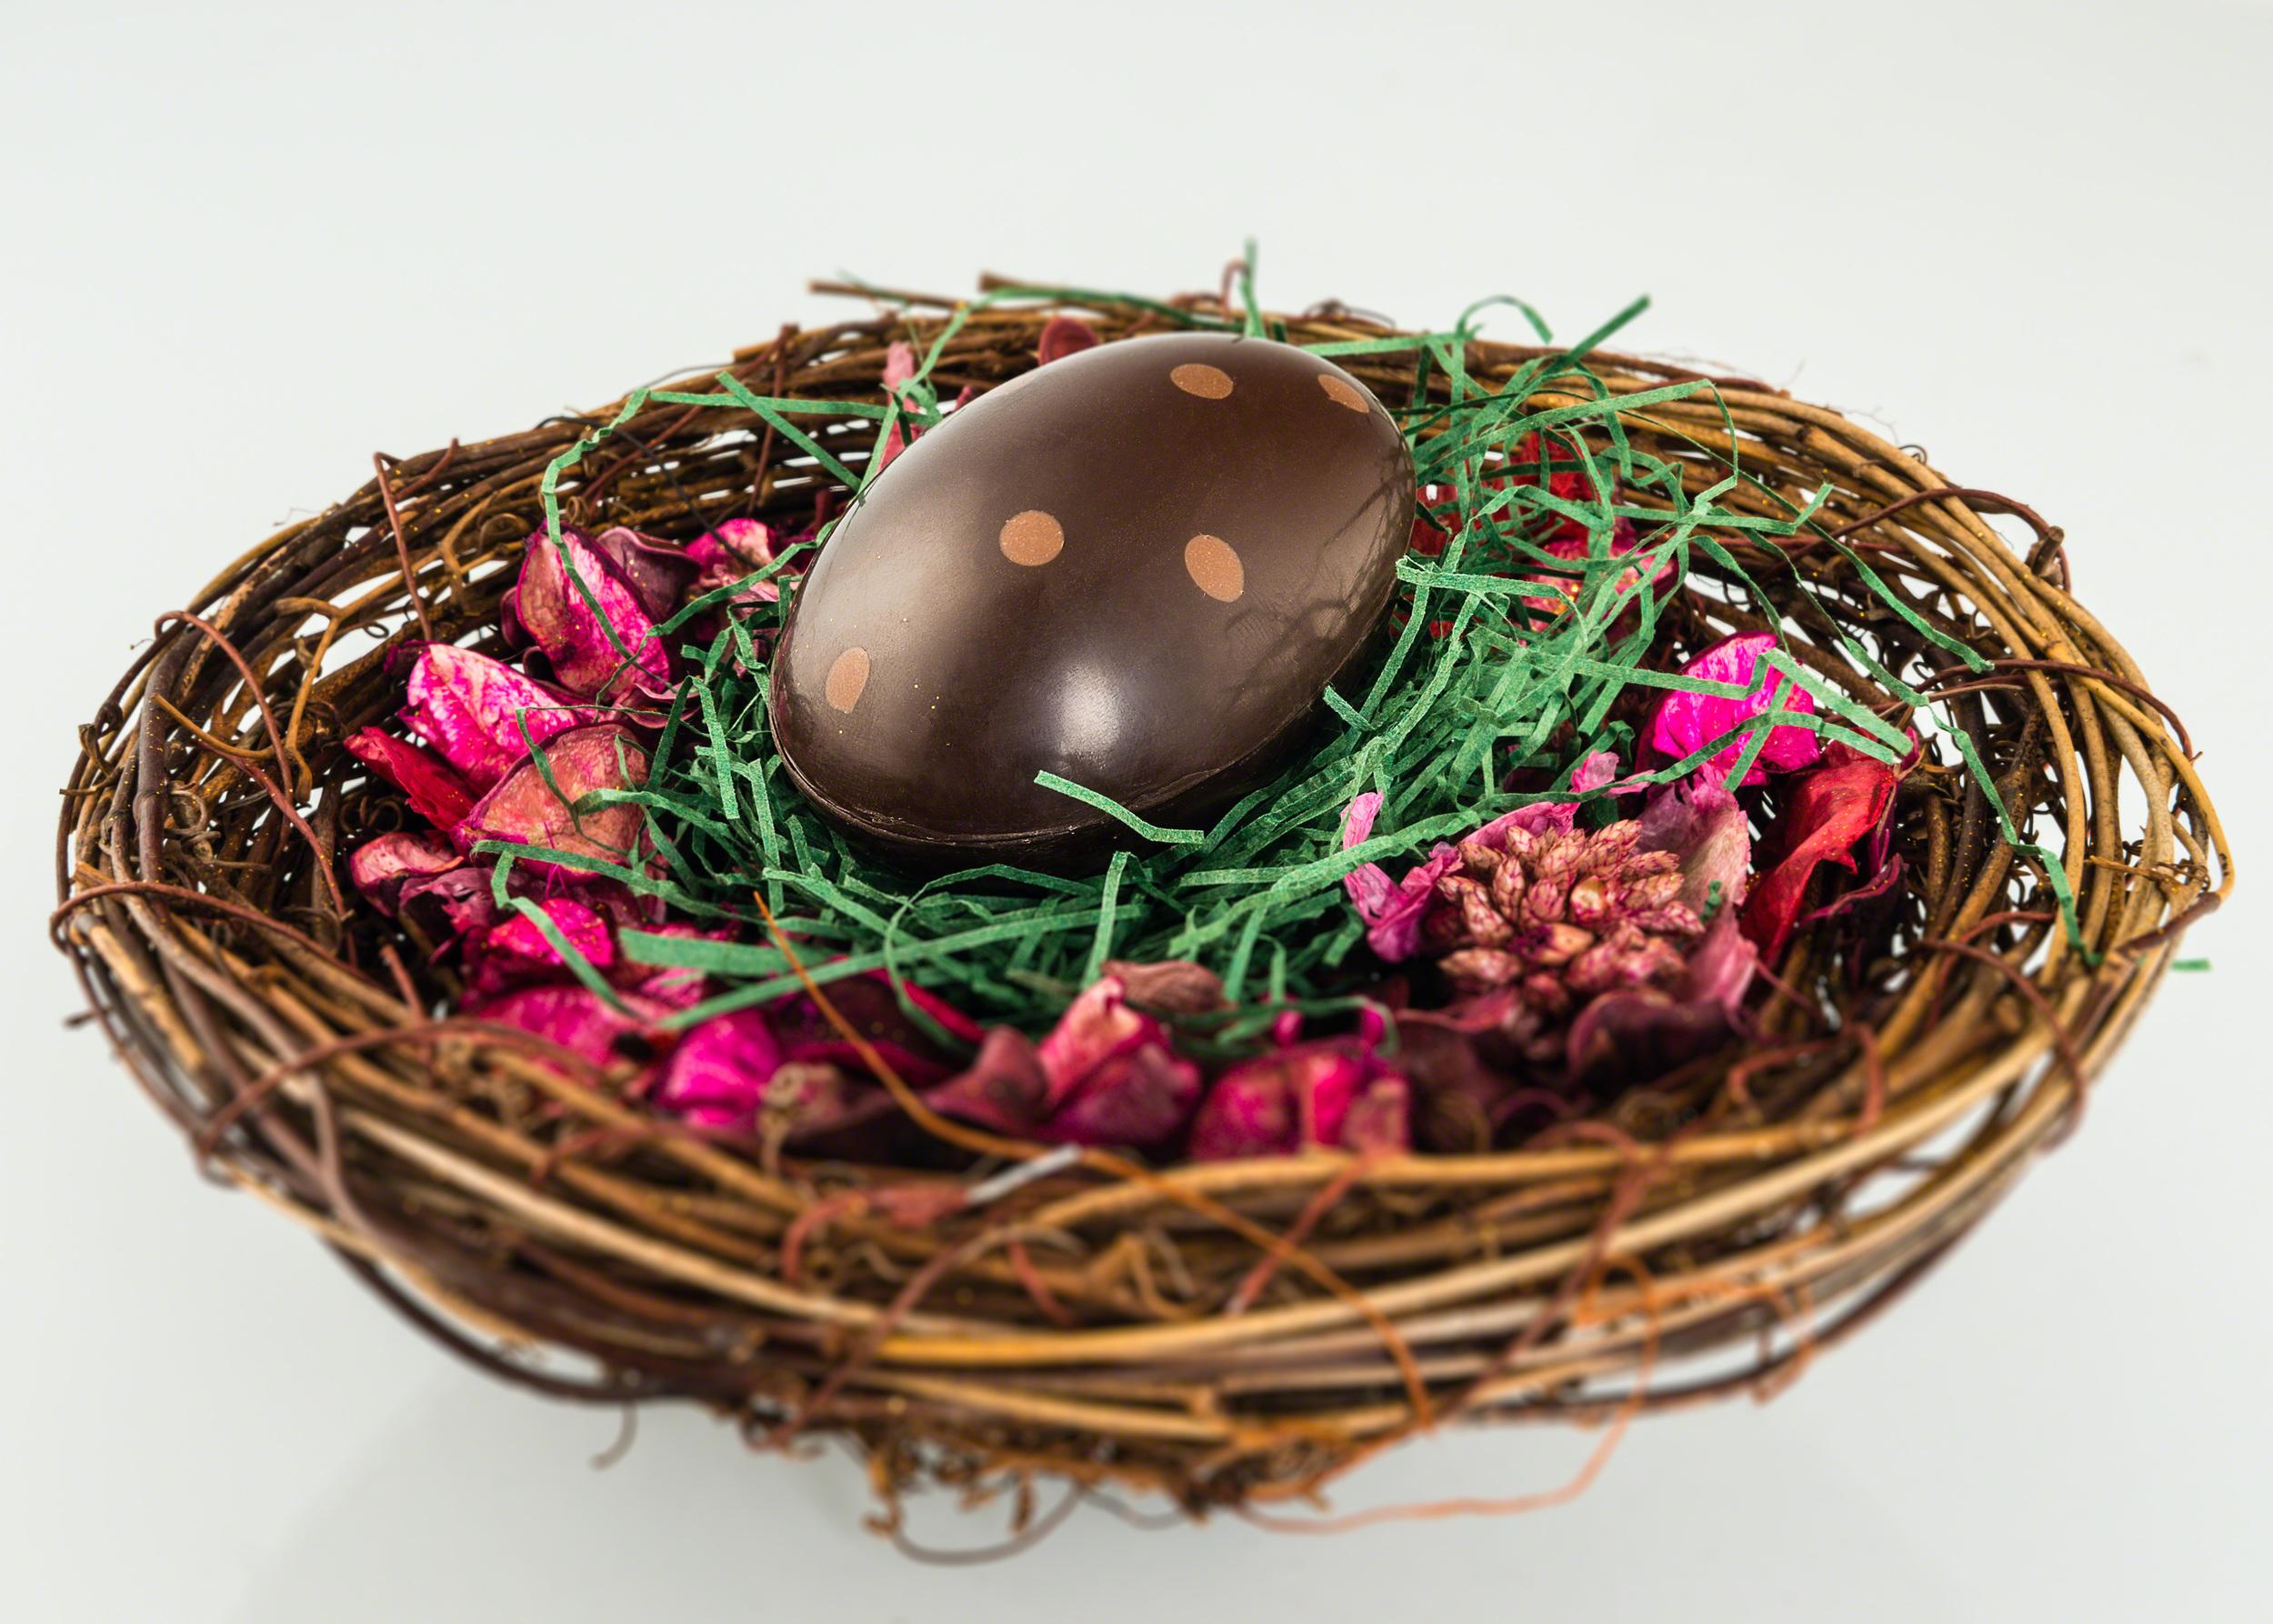 Ovedia_Easter_Egg_20130331_0160_web.jpg